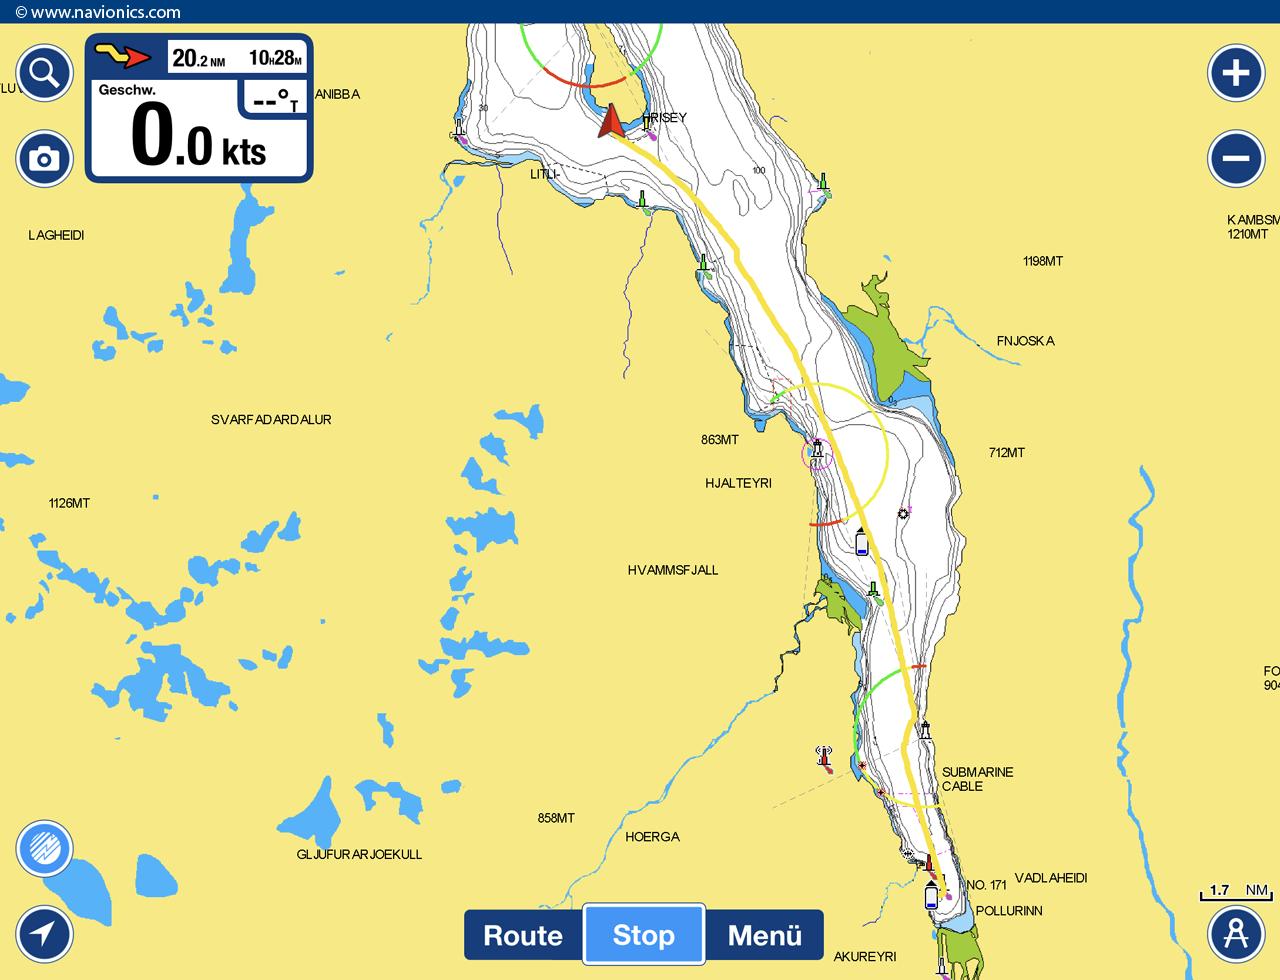 Route Akureyri - Hrisey